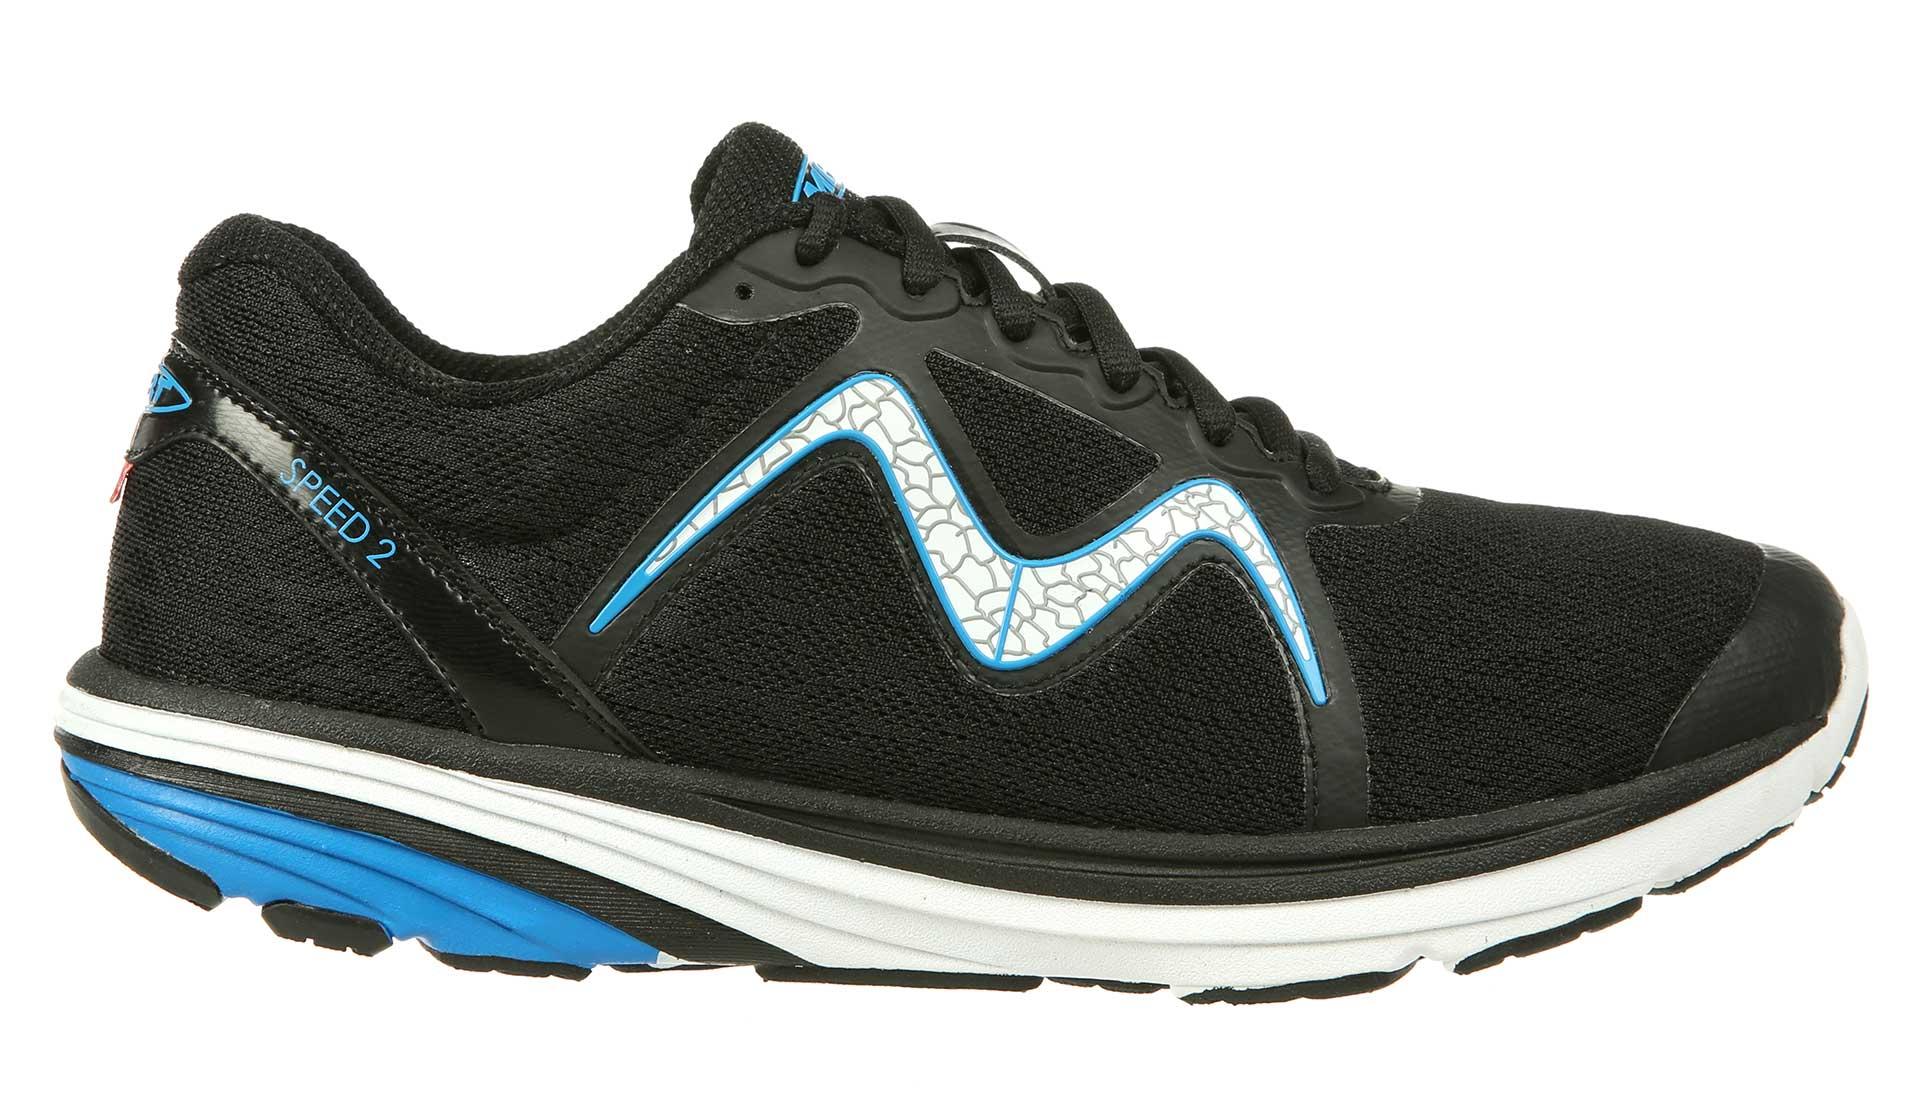 Running Shoes 2 Mbt 702025 Speed Lightweight Moderate Men's qUMzGSVp